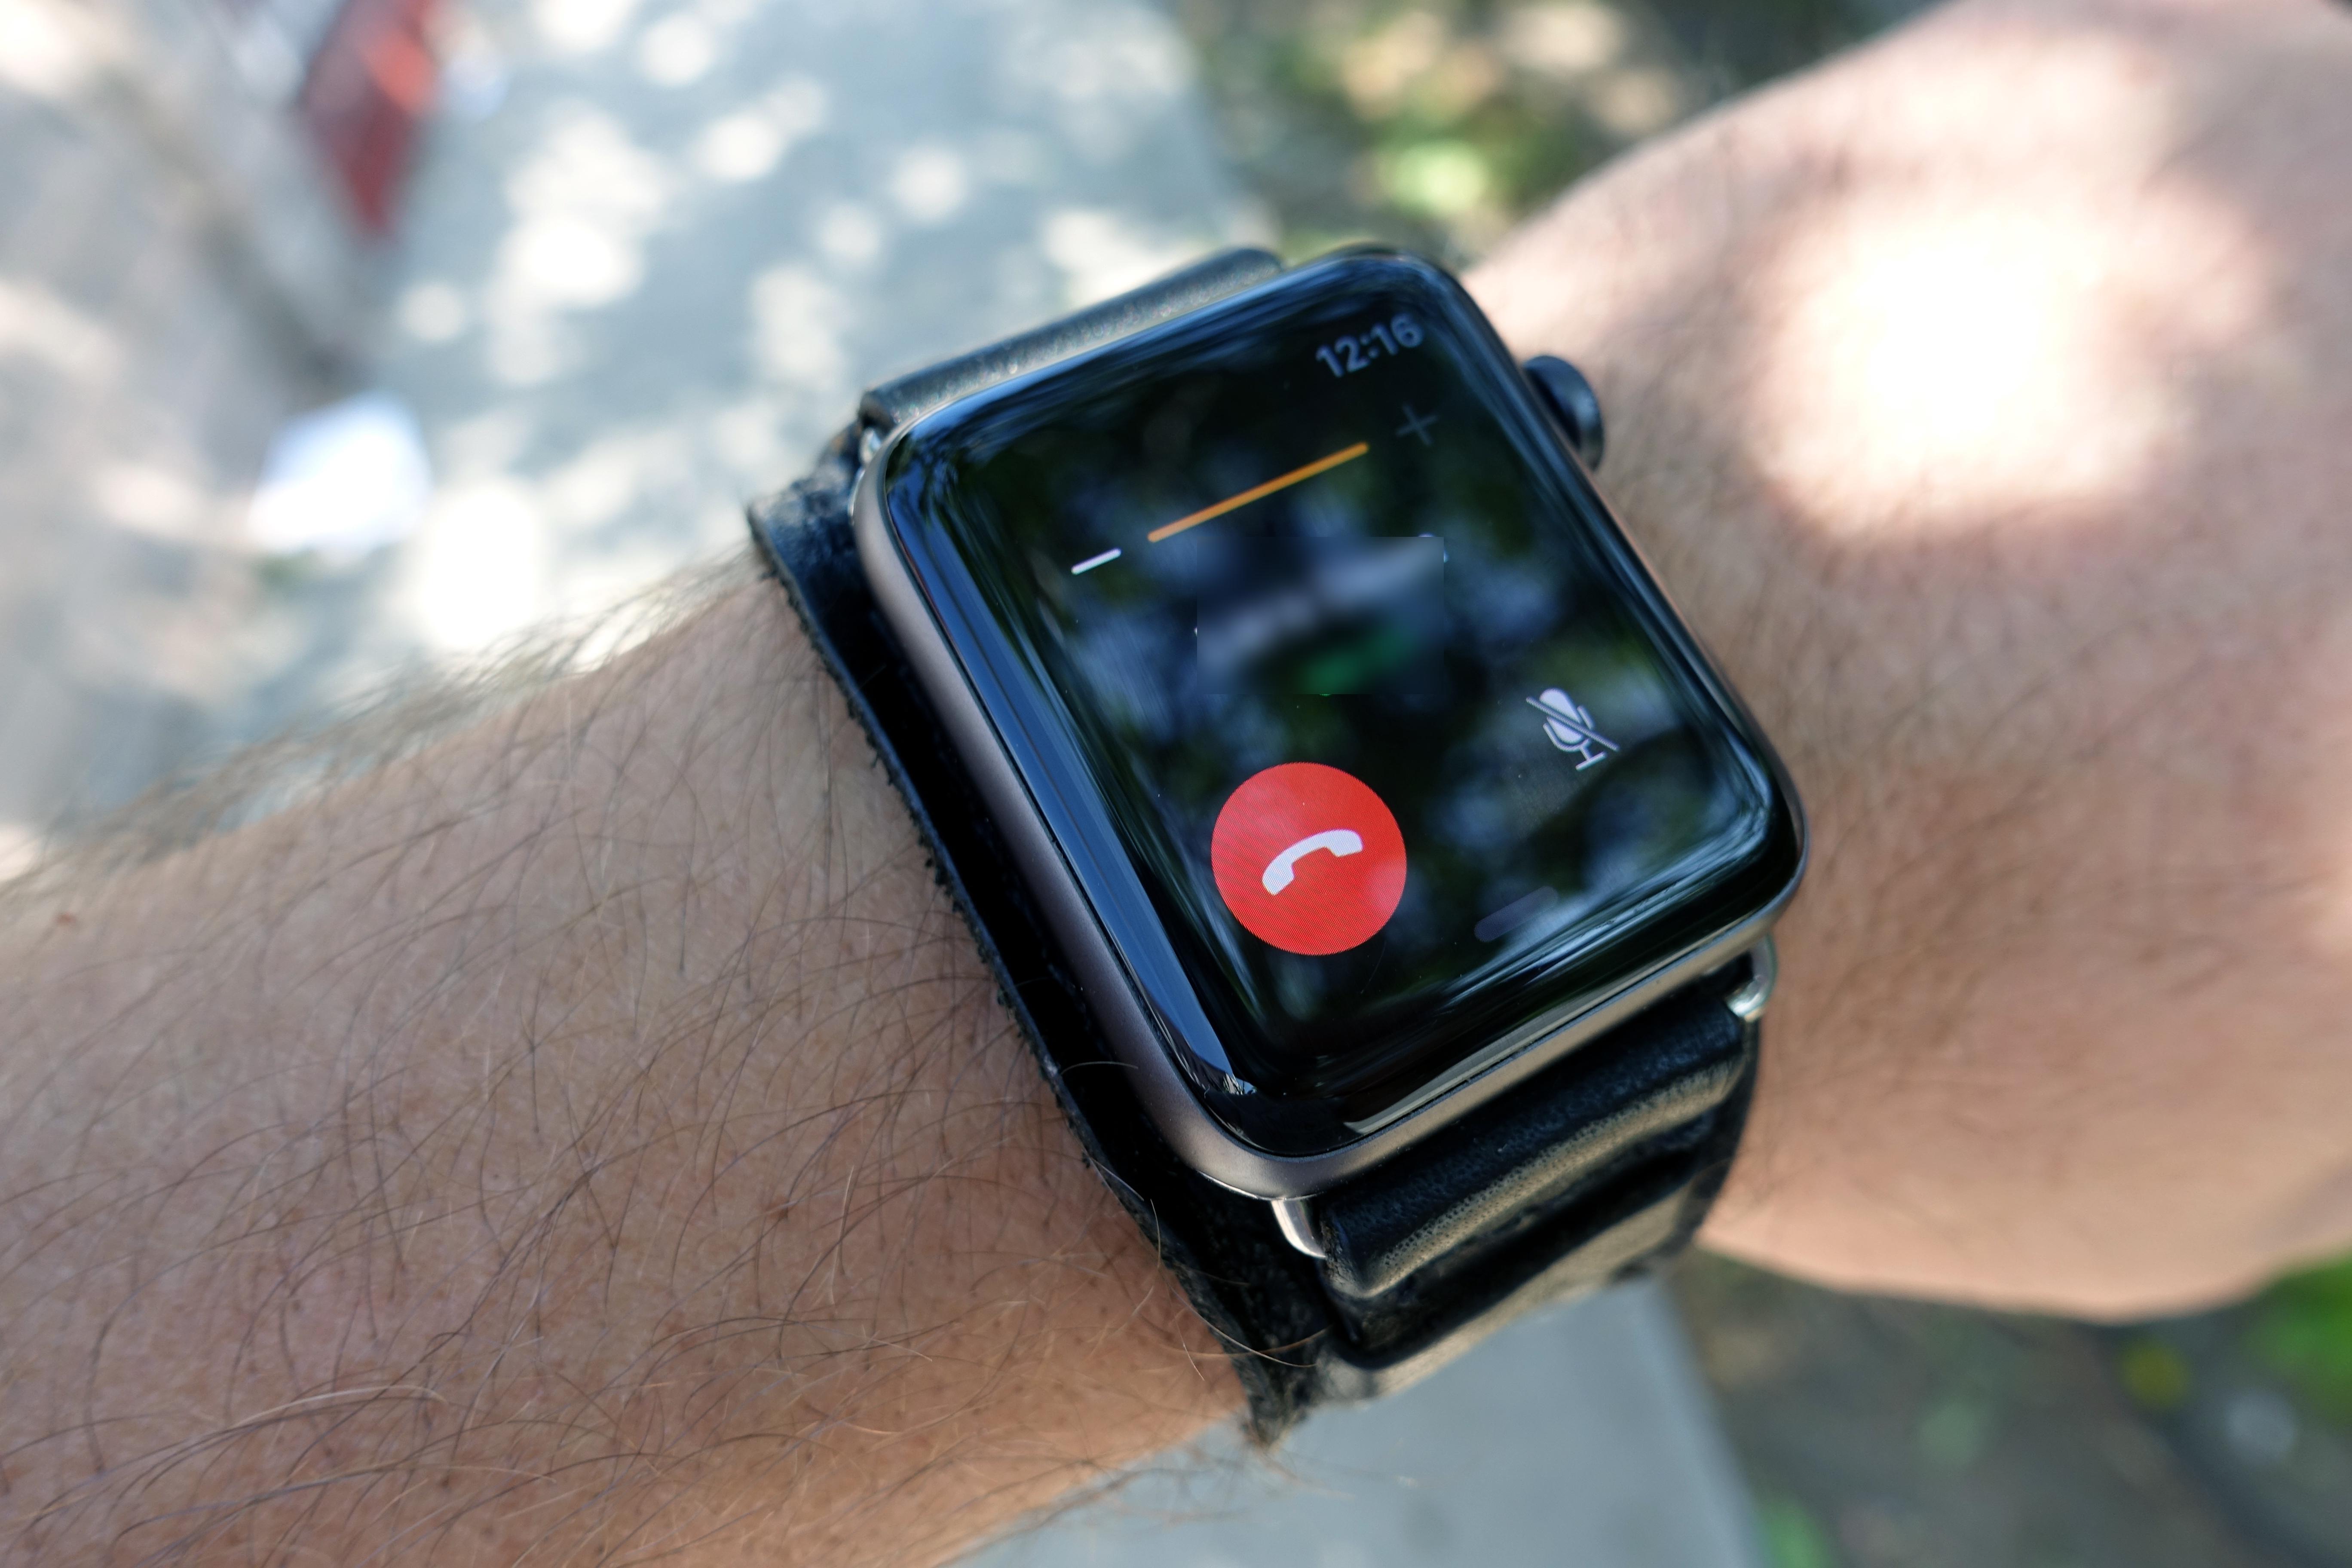 Å ringe med klokka når mobilen ikke er i nærheten fungerer klokkefint!